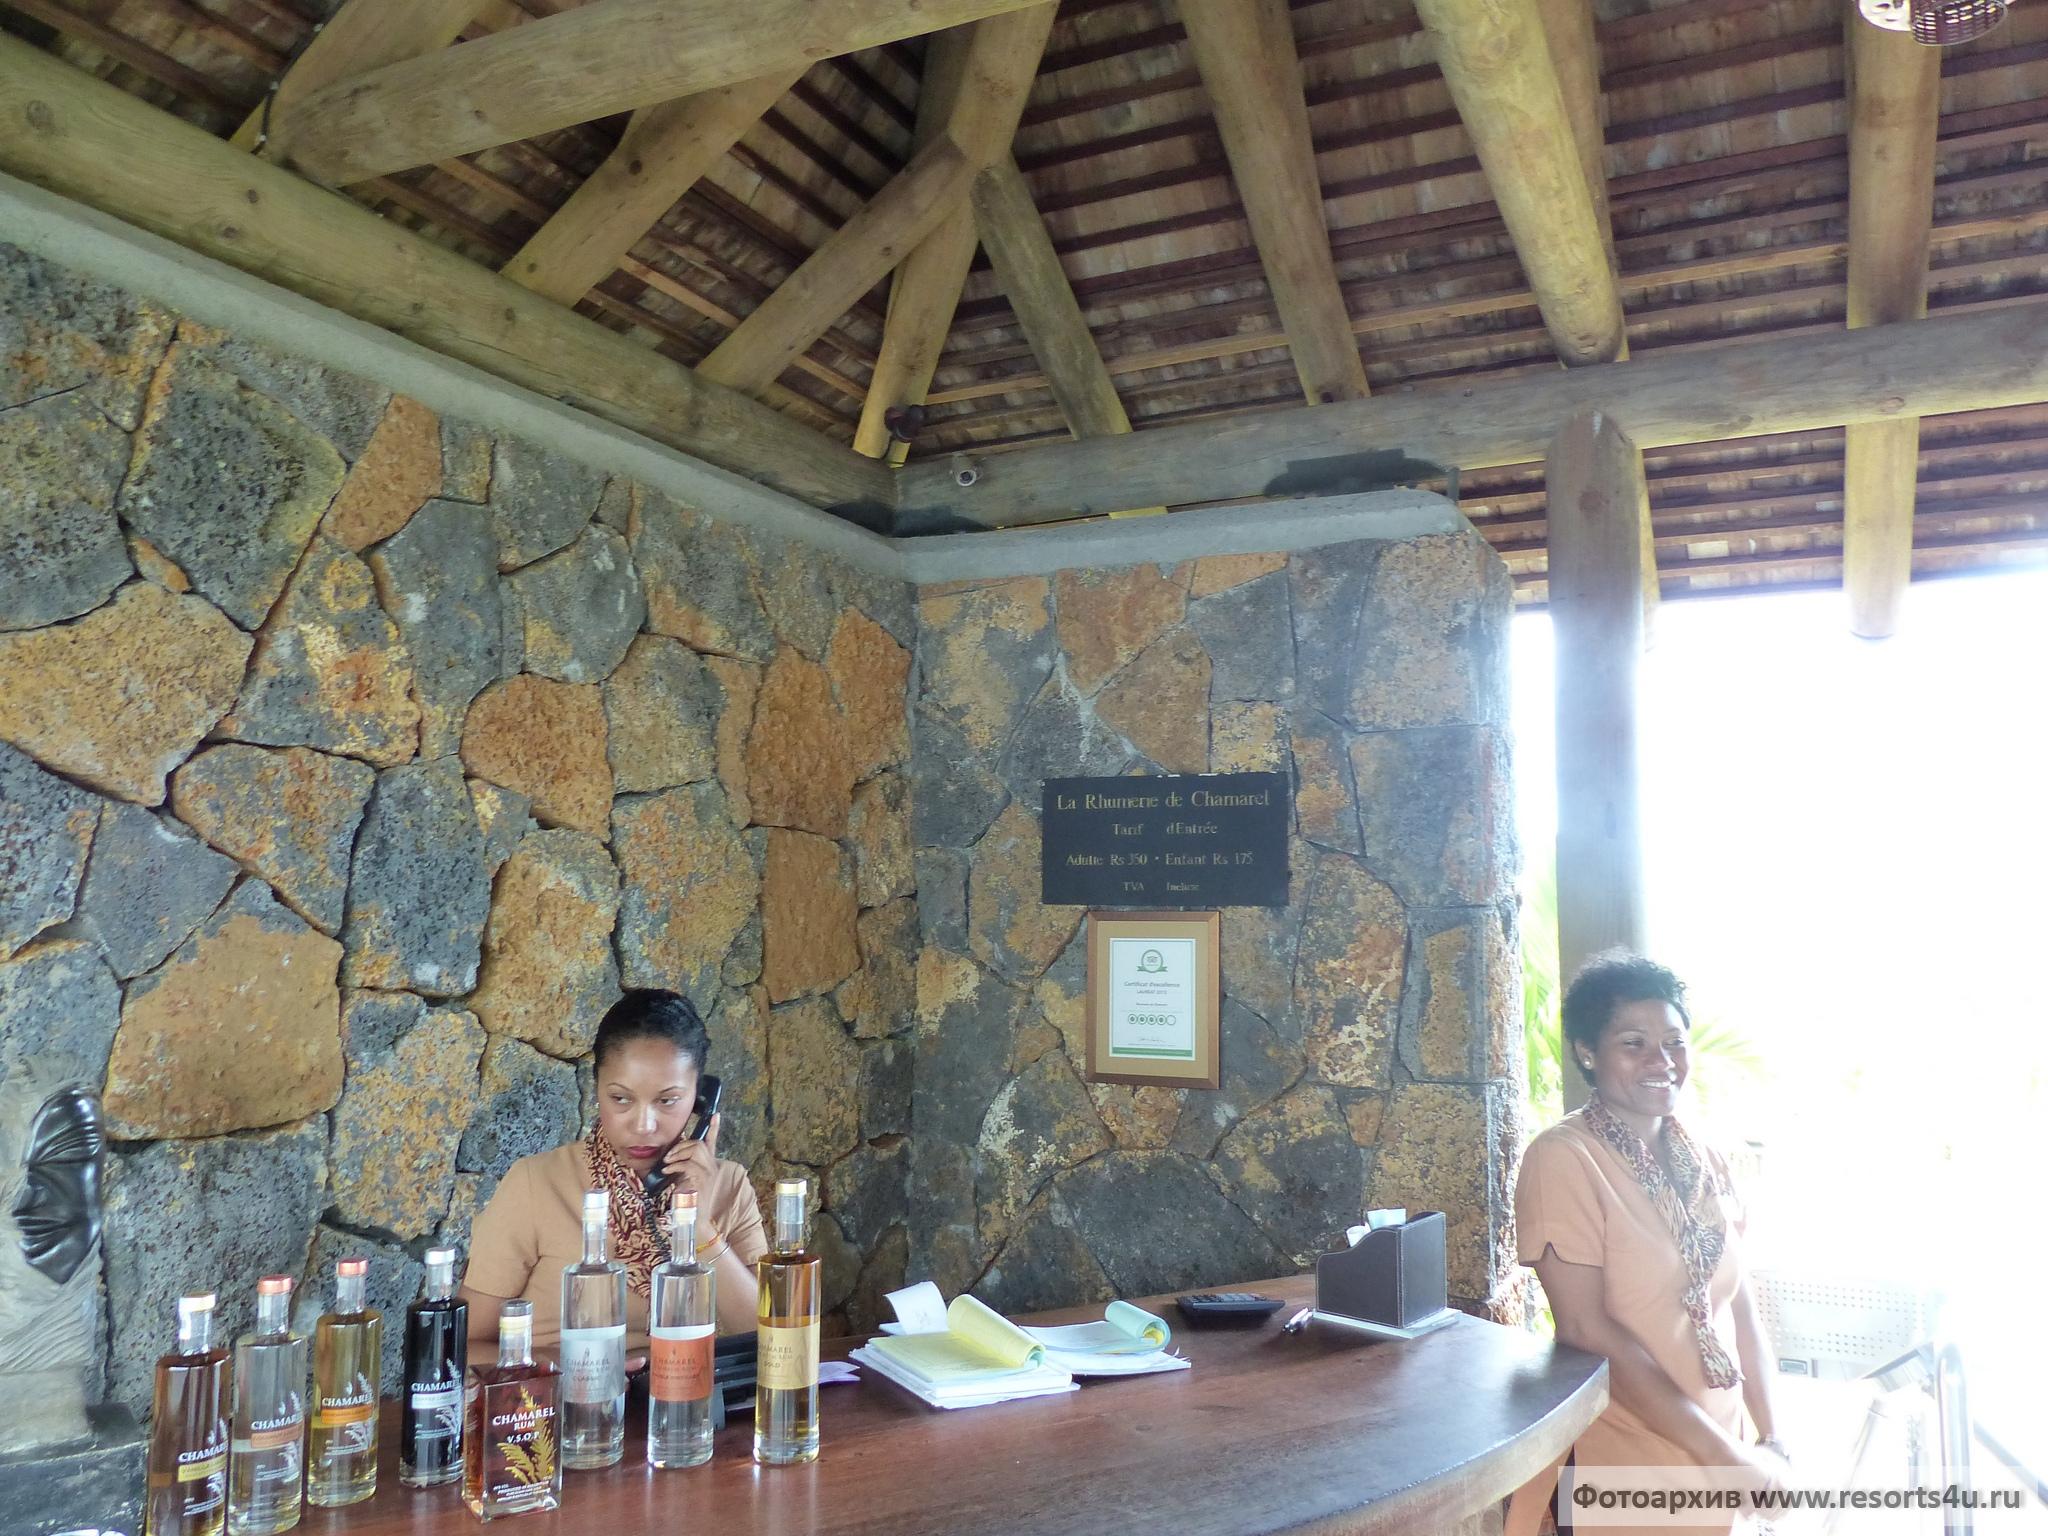 Маврикий: фабрика рома Шамарель